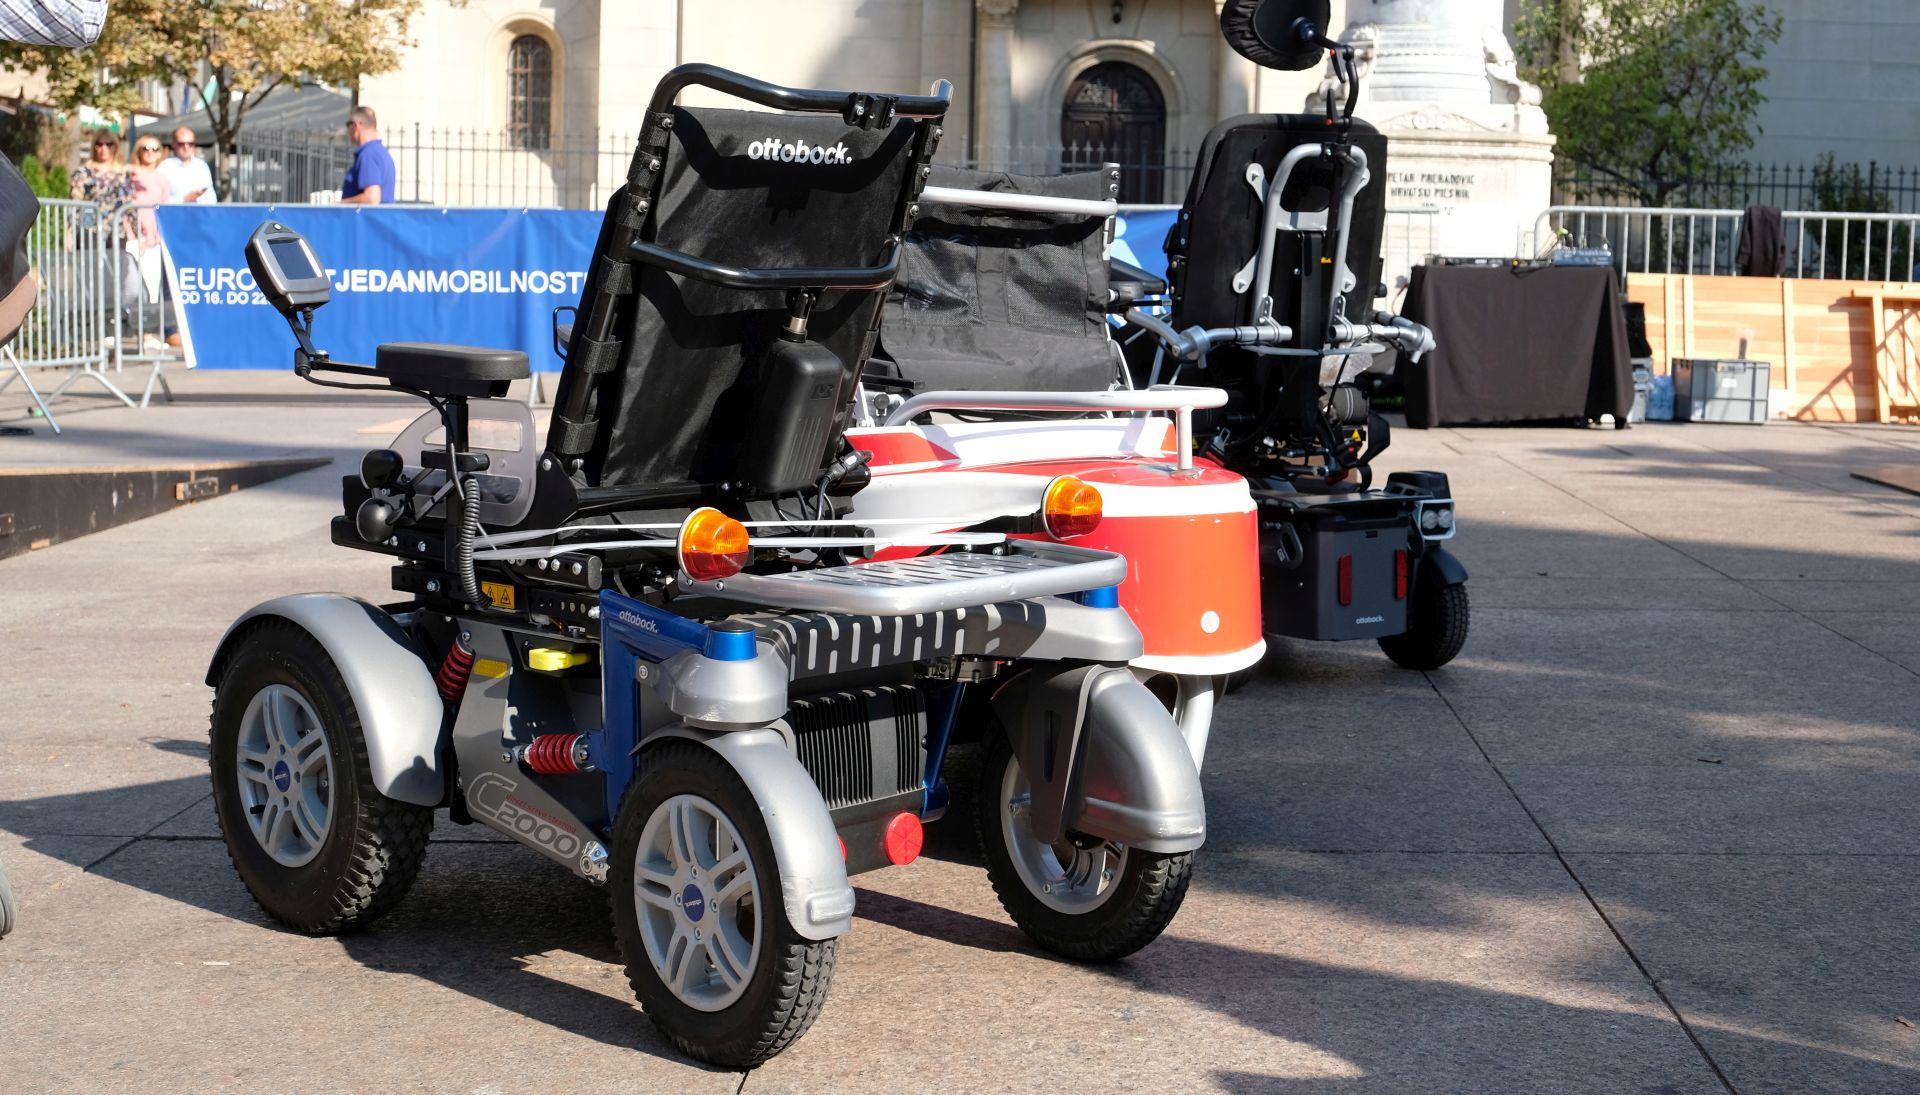 """""""Igre mobilnosti"""" za bolju mobilnost osoba s invaliditetom u gradu"""